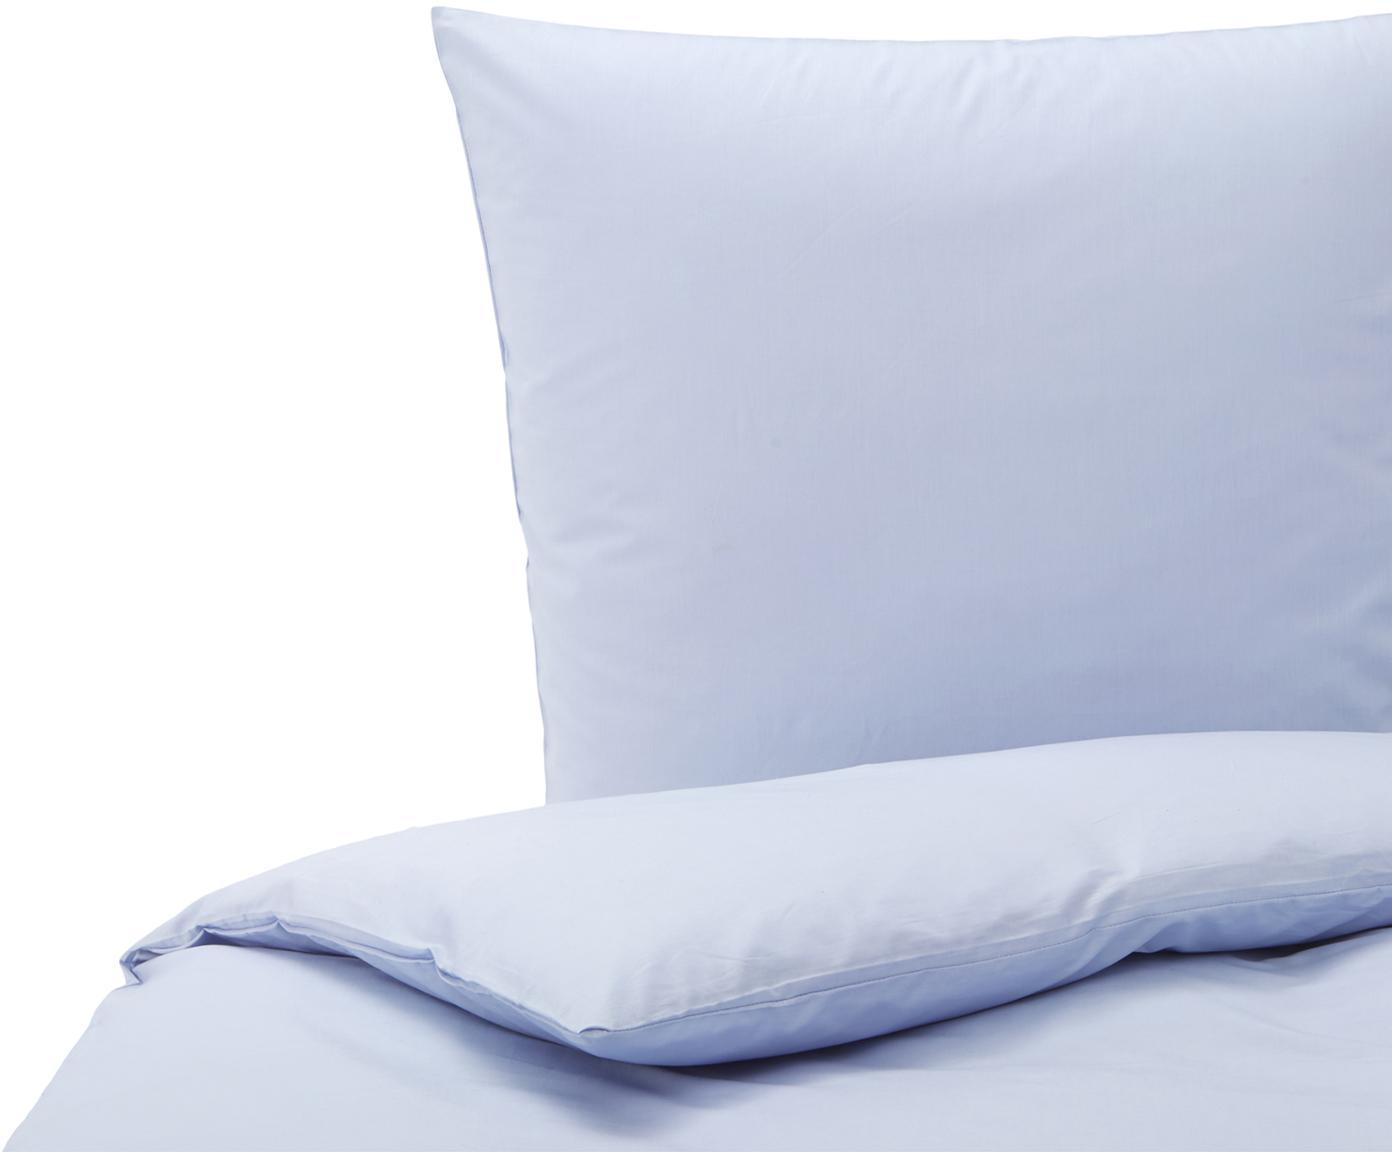 Baumwoll-Bettwäsche Weekend in Hellblau, 100% Baumwolle Bettwäsche aus Baumwolle fühlt sich auf der Haut angenehm weich an, nimmt Feuchtigkeit gut auf und eignet sich für Allergiker., Hellblau, 135 x 200 cm + 1 Kissen 80 x 80 cm